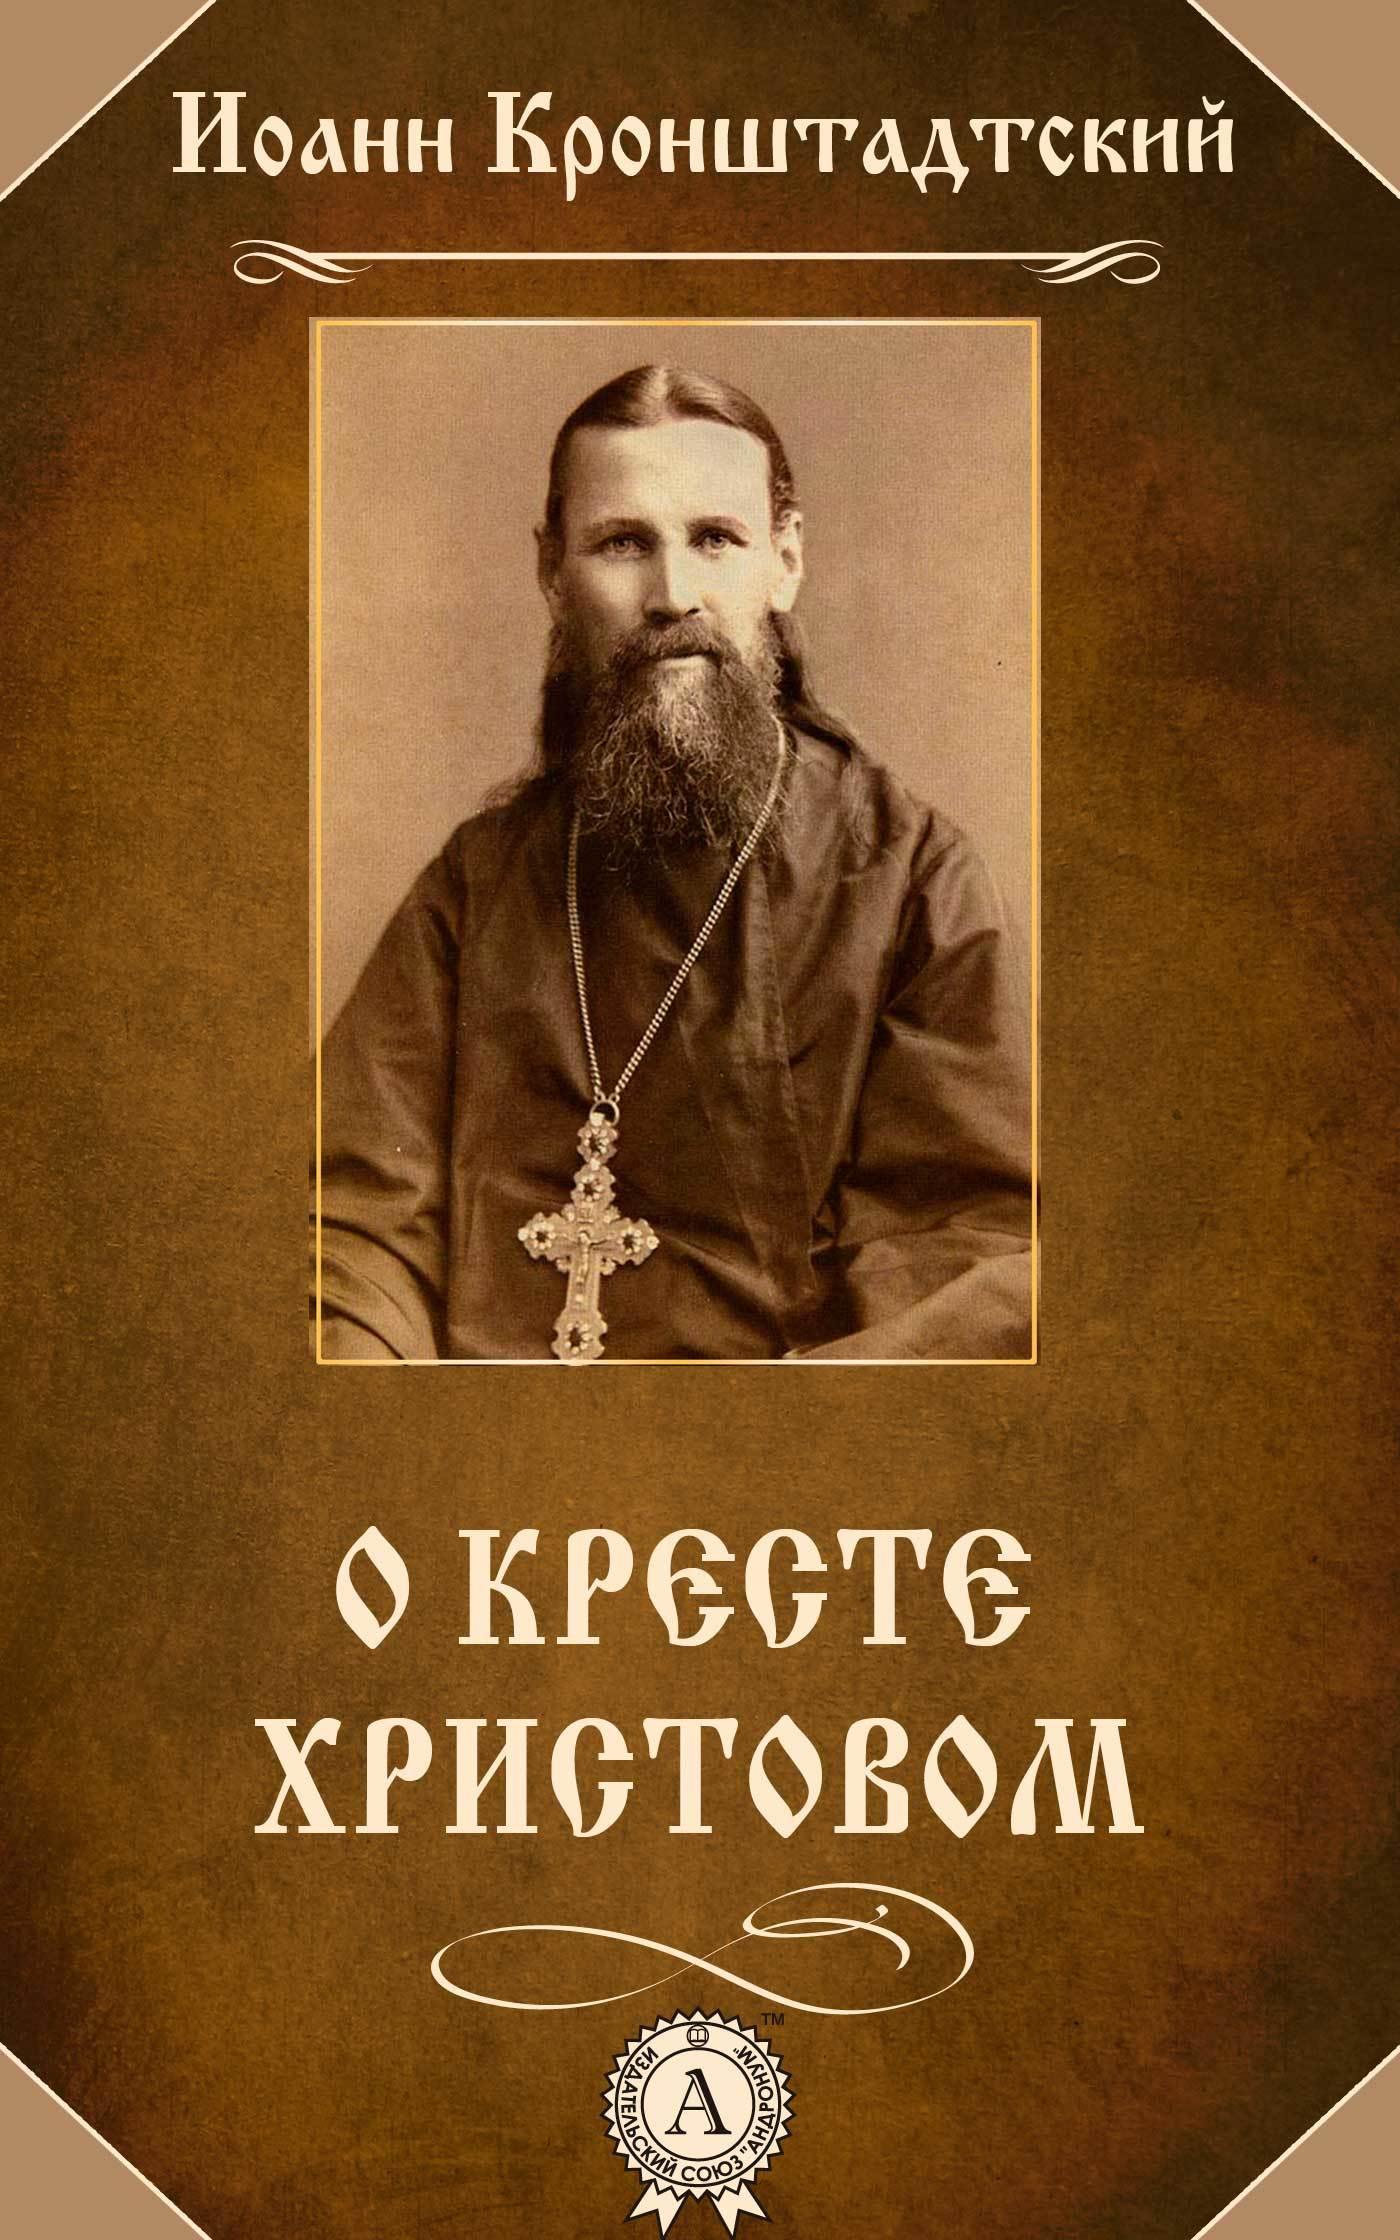 О Кресте Христовом случается быстро и настойчиво